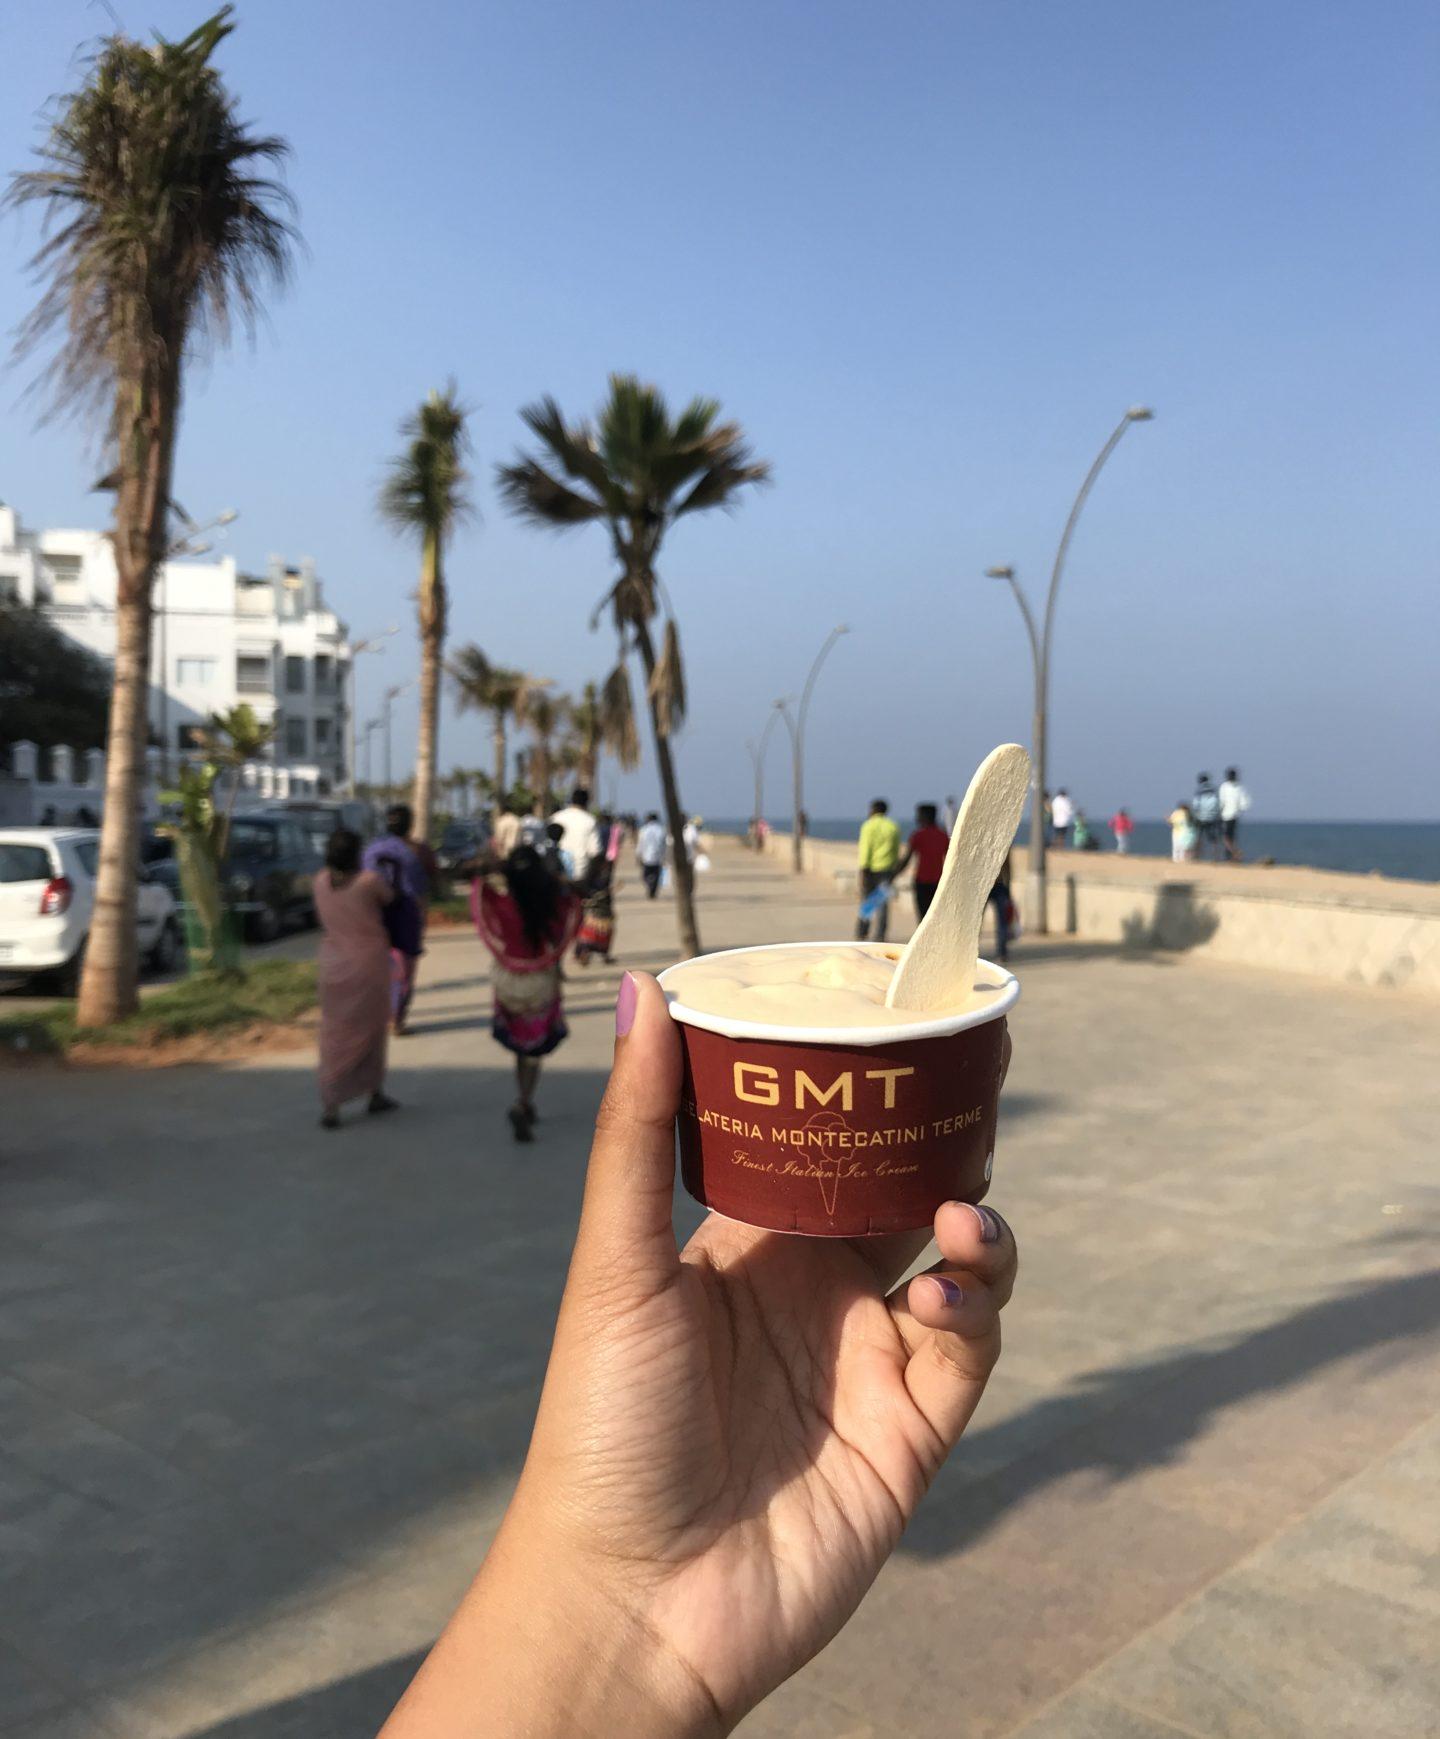 GMT gelato